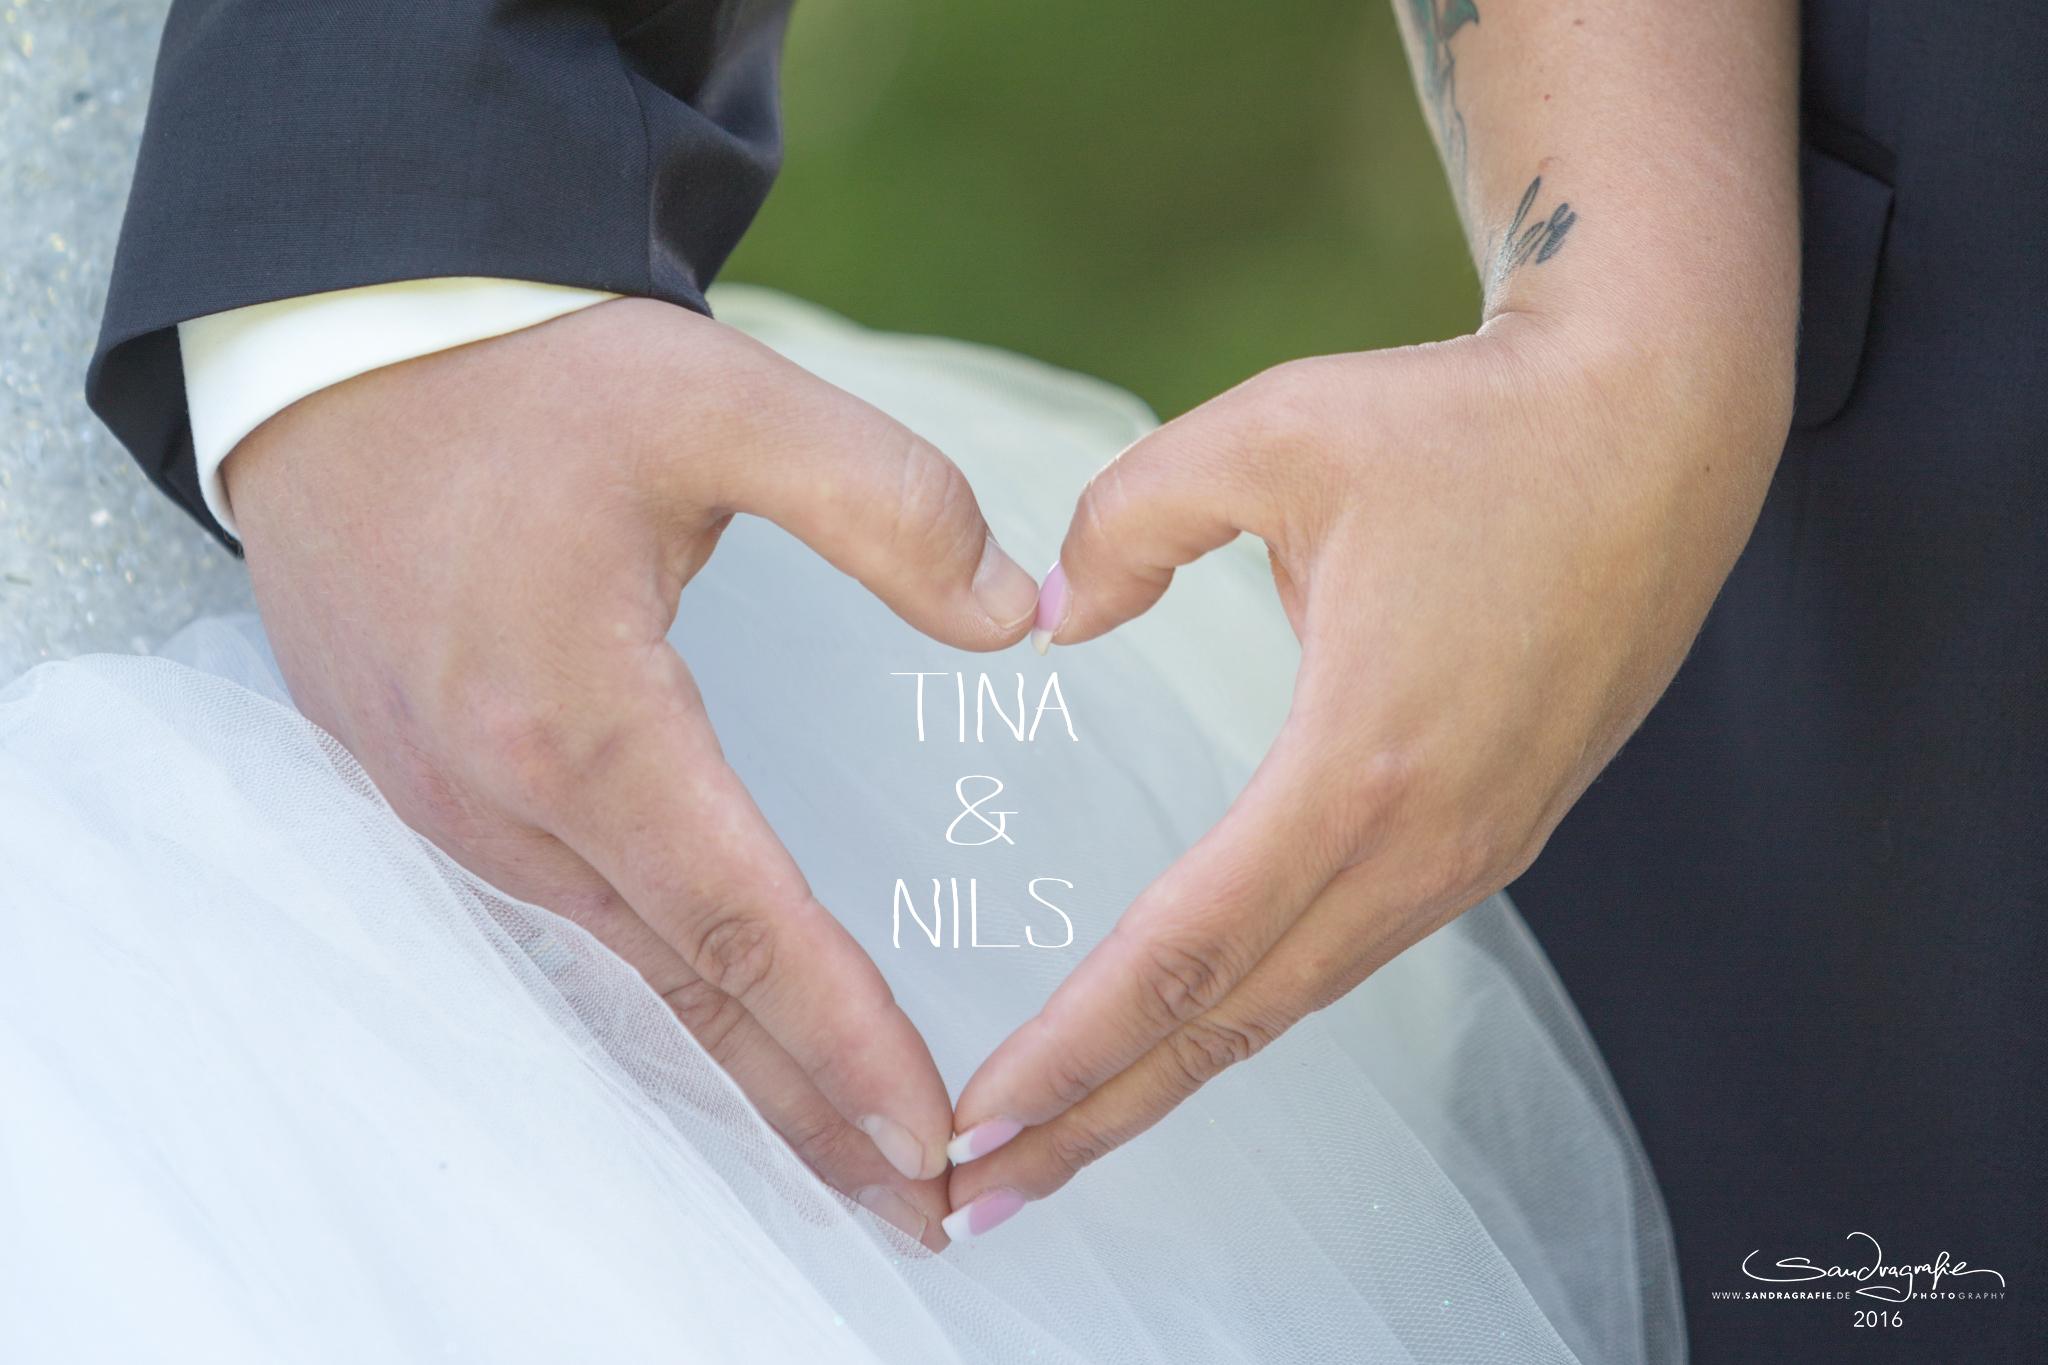 Tina & Nils